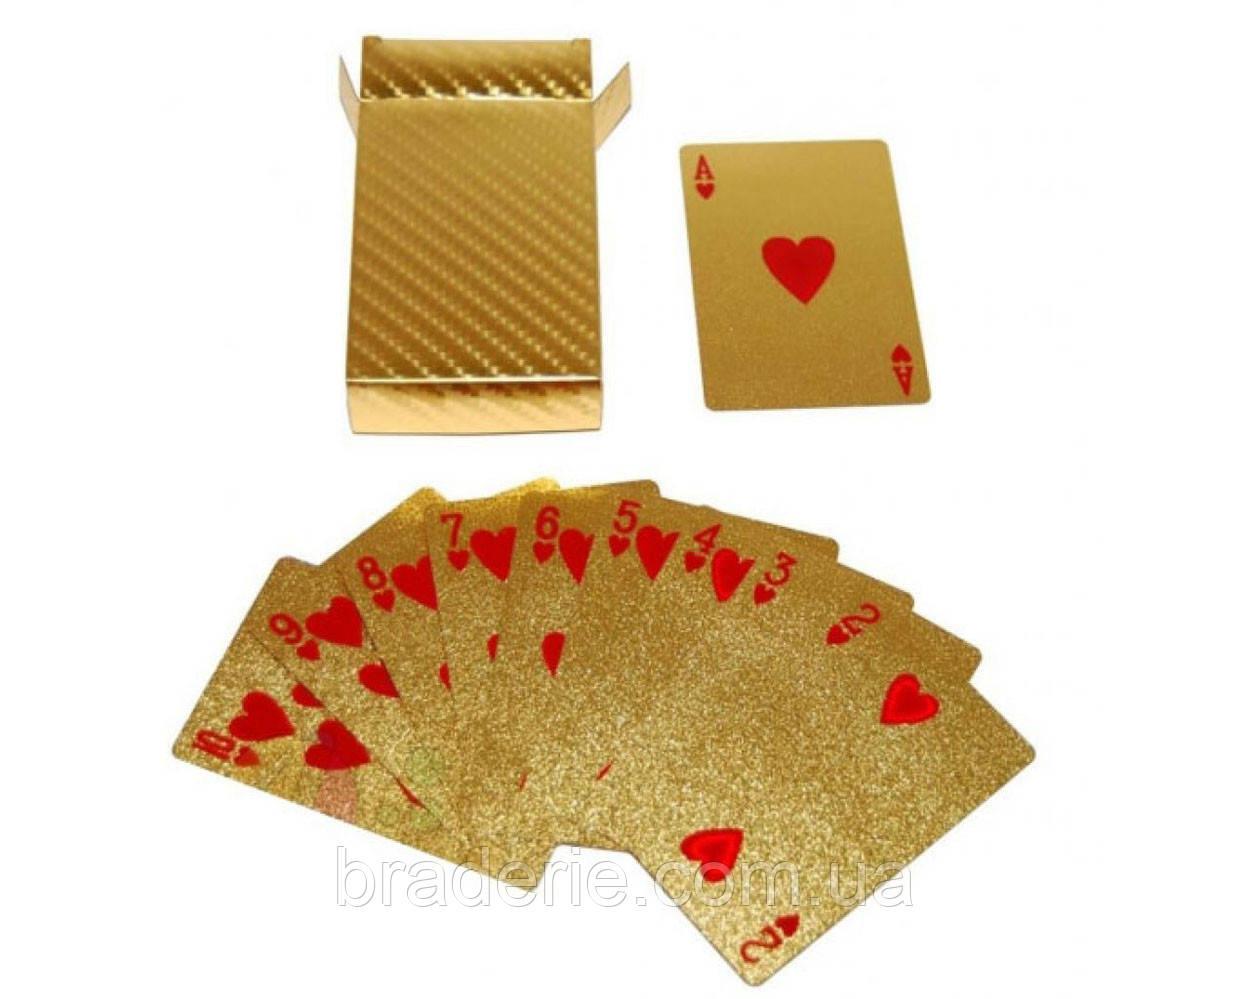 Игральные карты колода 54 штуки Gold 408-7 пластик